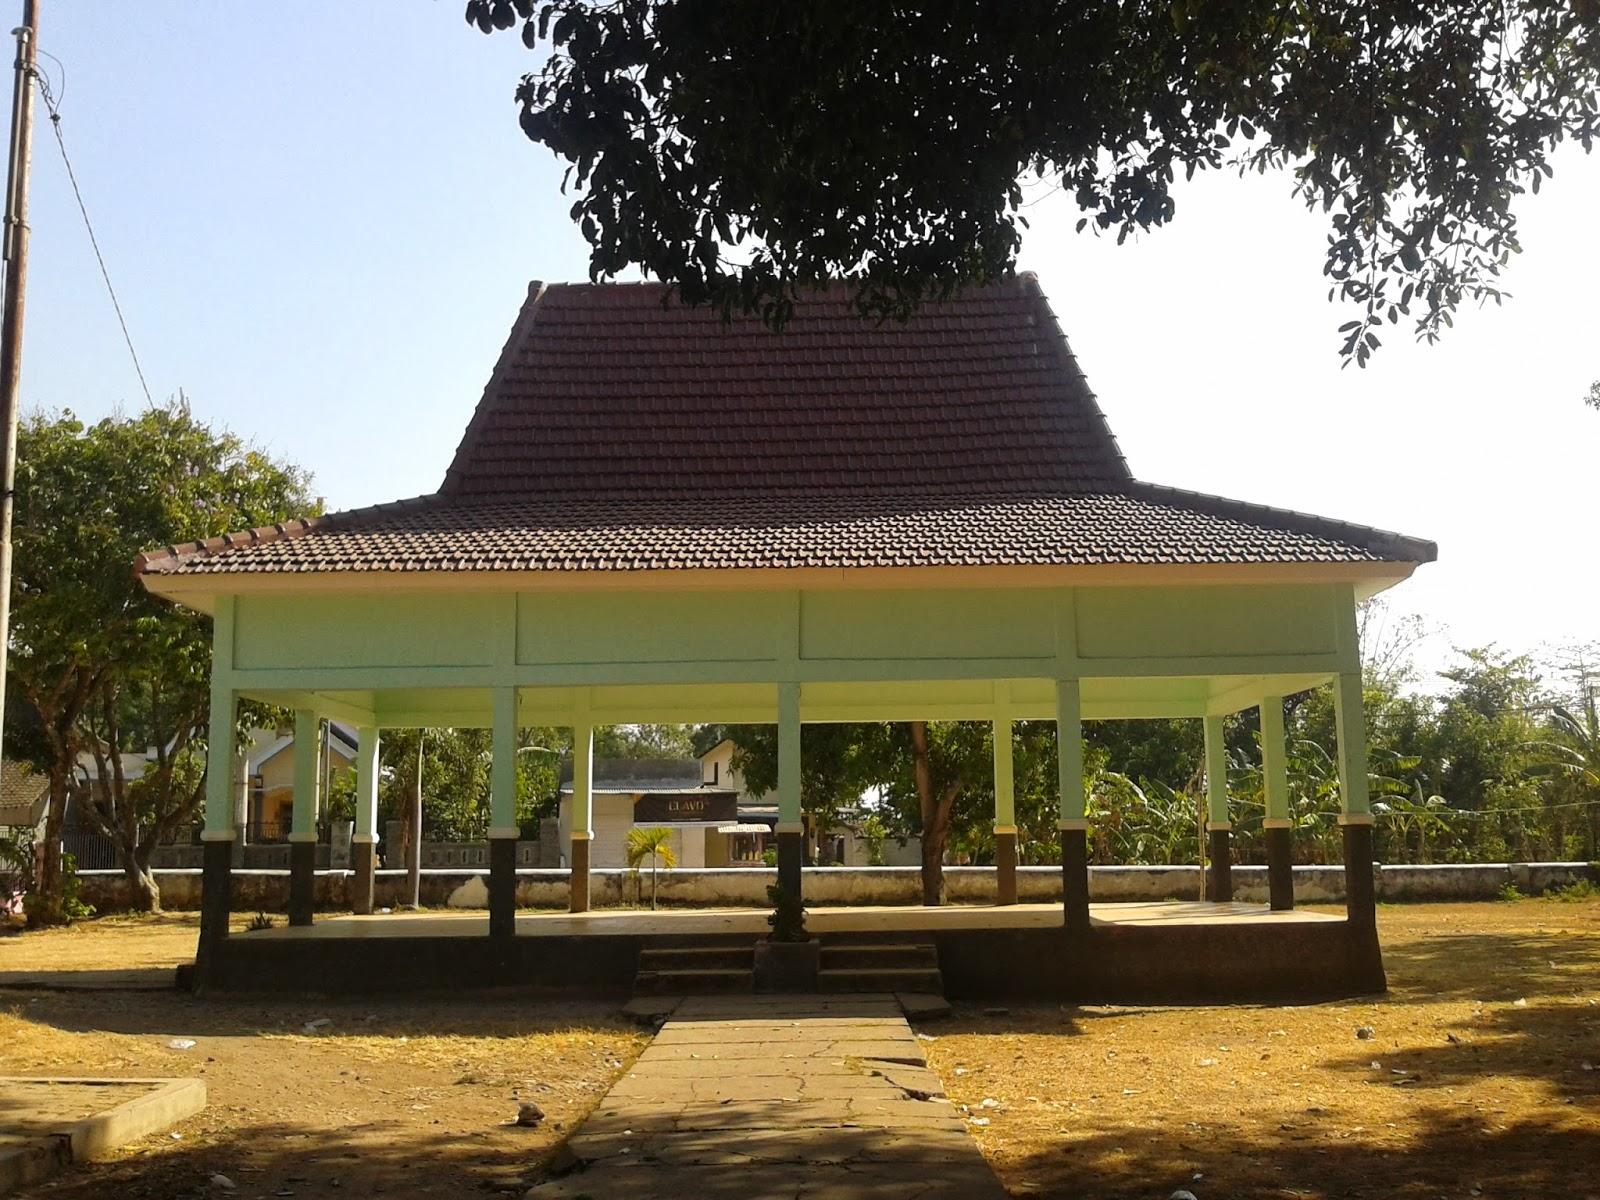 Menelusuri Kabupaten Nganjuk Mutiara Tersembunyi Monumen Bangunan Pingitan Timur Dr